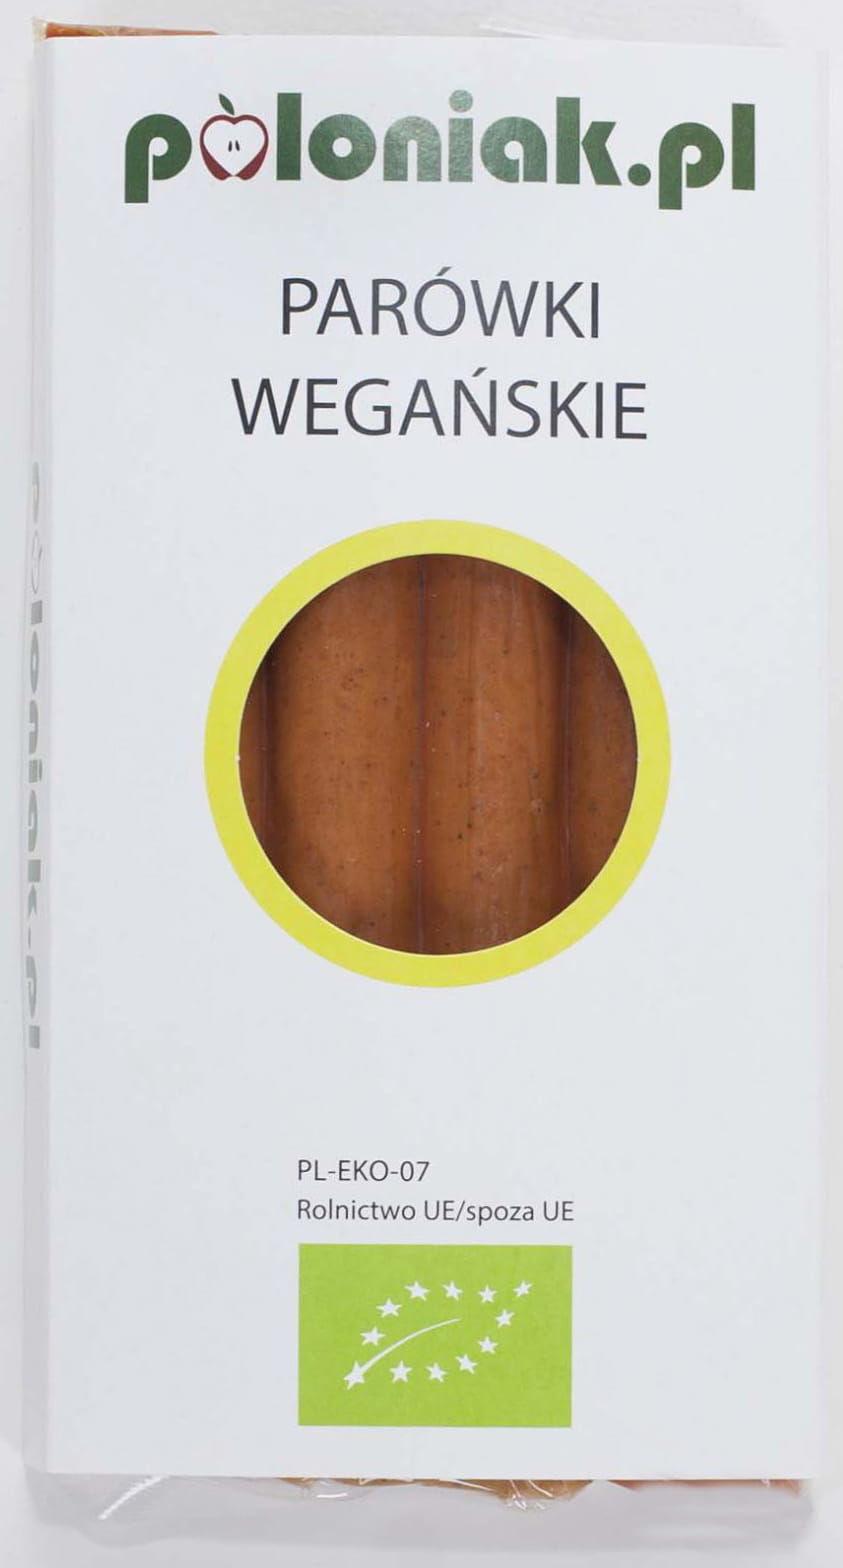 Pałeczki wegańskie z soczewicy bio 230 g - poloniak